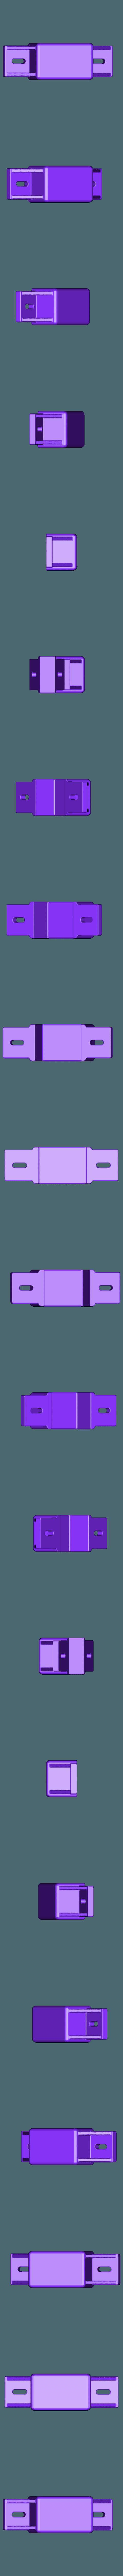 Frame_Mount_untested.obj Download free OBJ file Frame Mount • Template to 3D print, MakeItWork